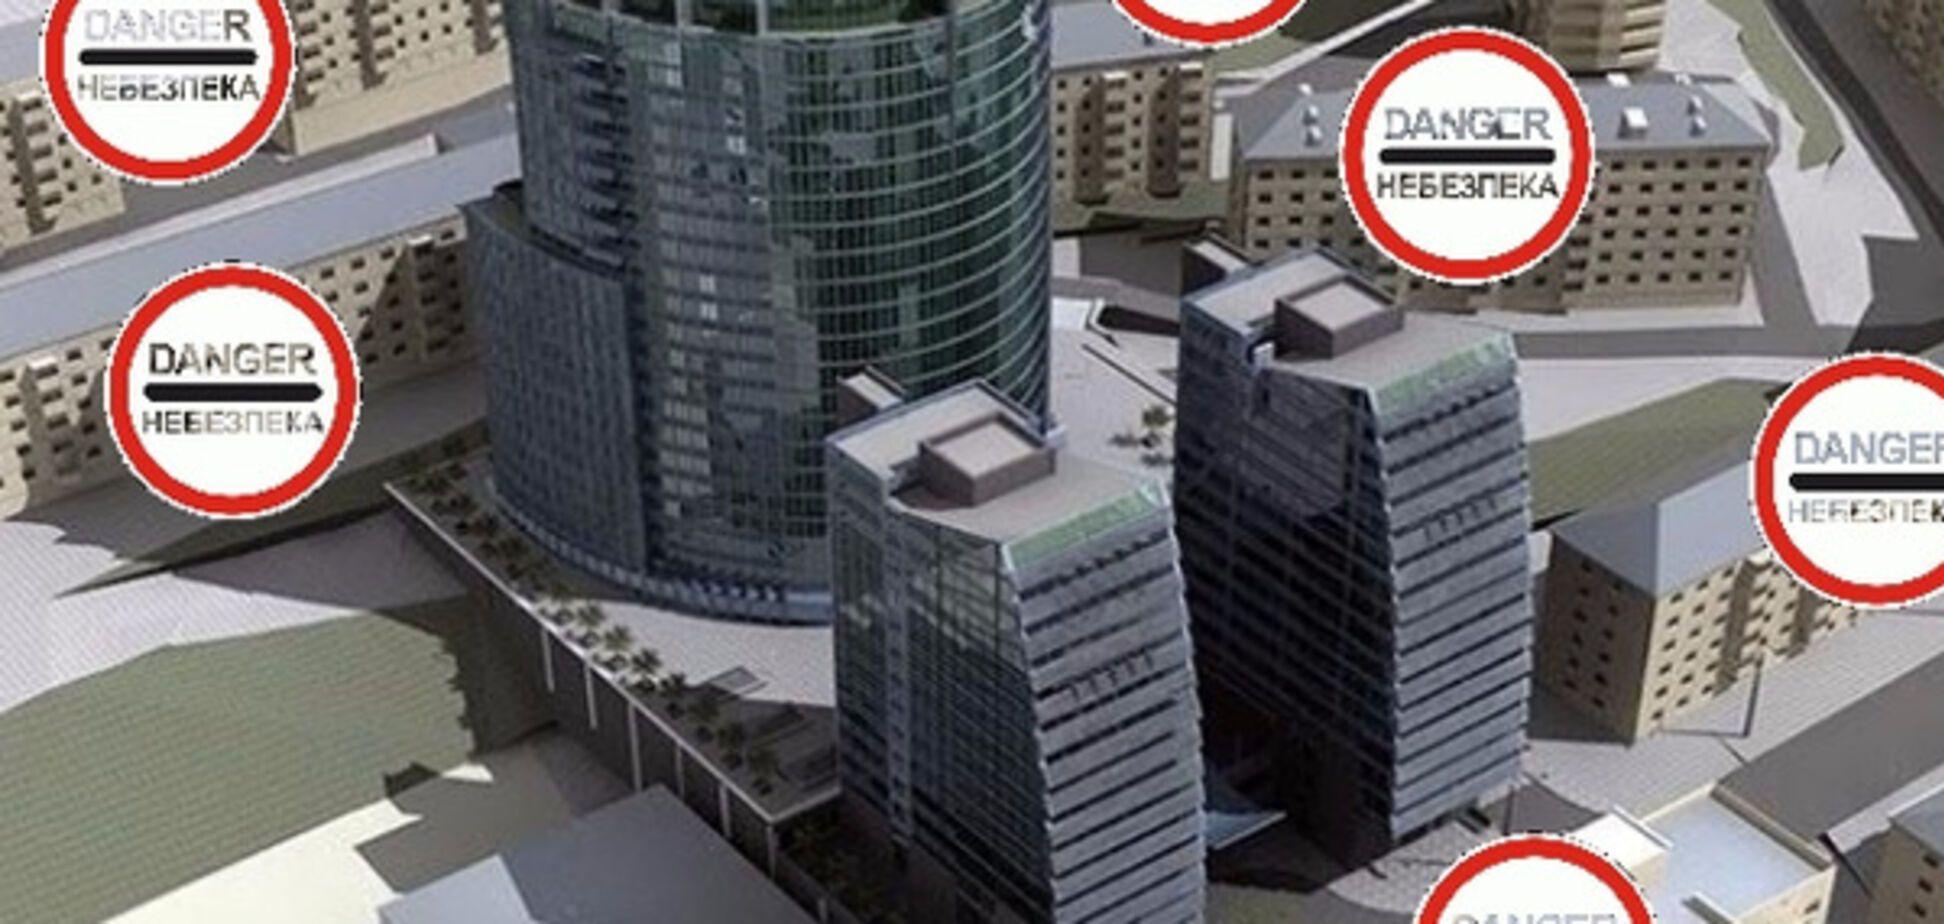 Скандальный застройщик подал в суд на журналиста 'Обозревателя' и академика Проценко